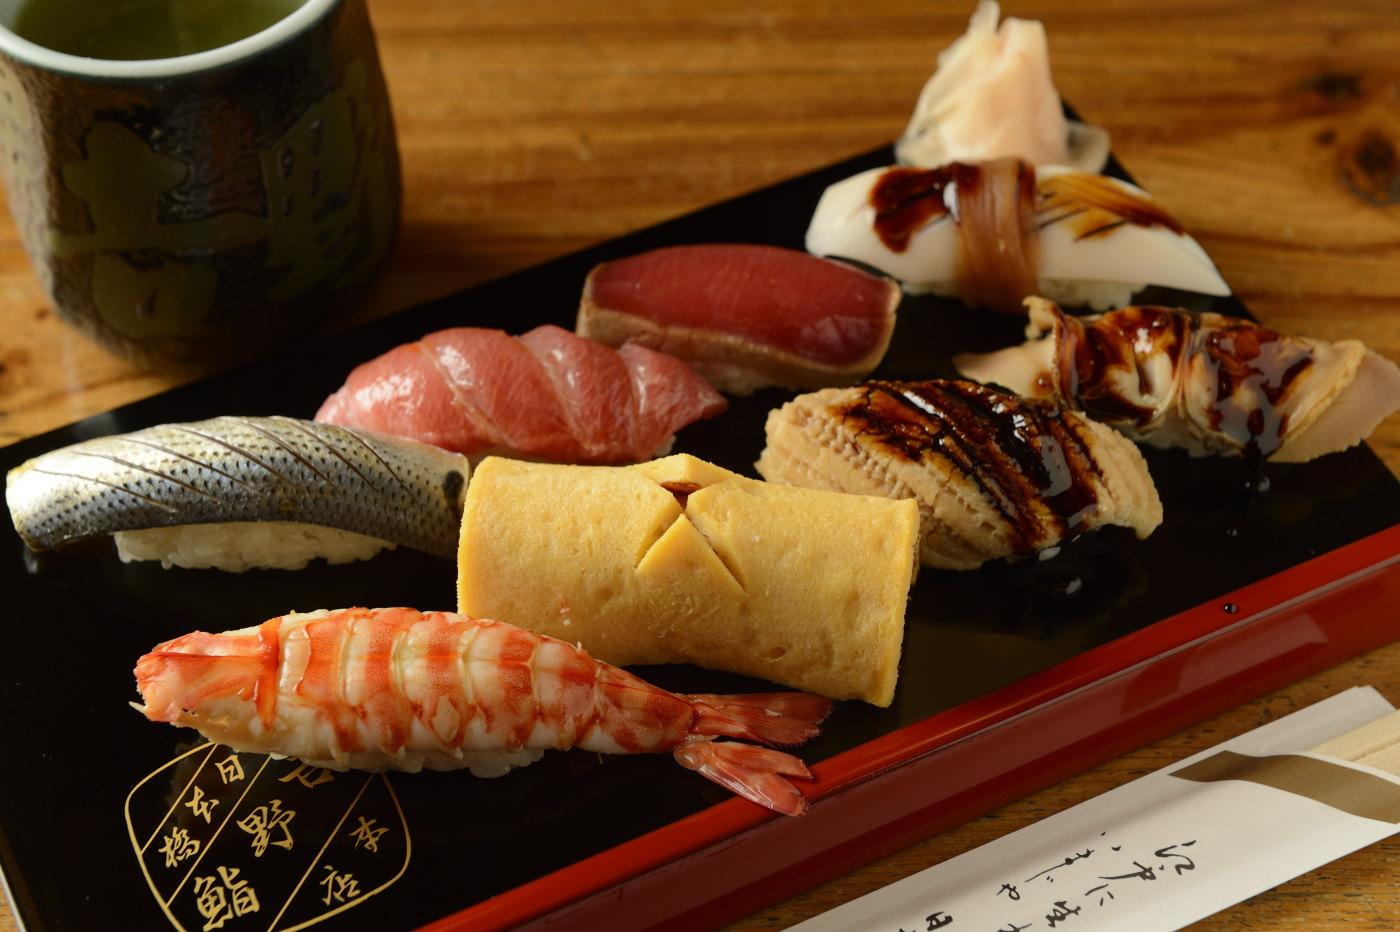 アナゴ330円やコハダ330円ほか江戸前の仕事が入った握り。シャリが辛めで、ガリも鮮烈な辛さ!